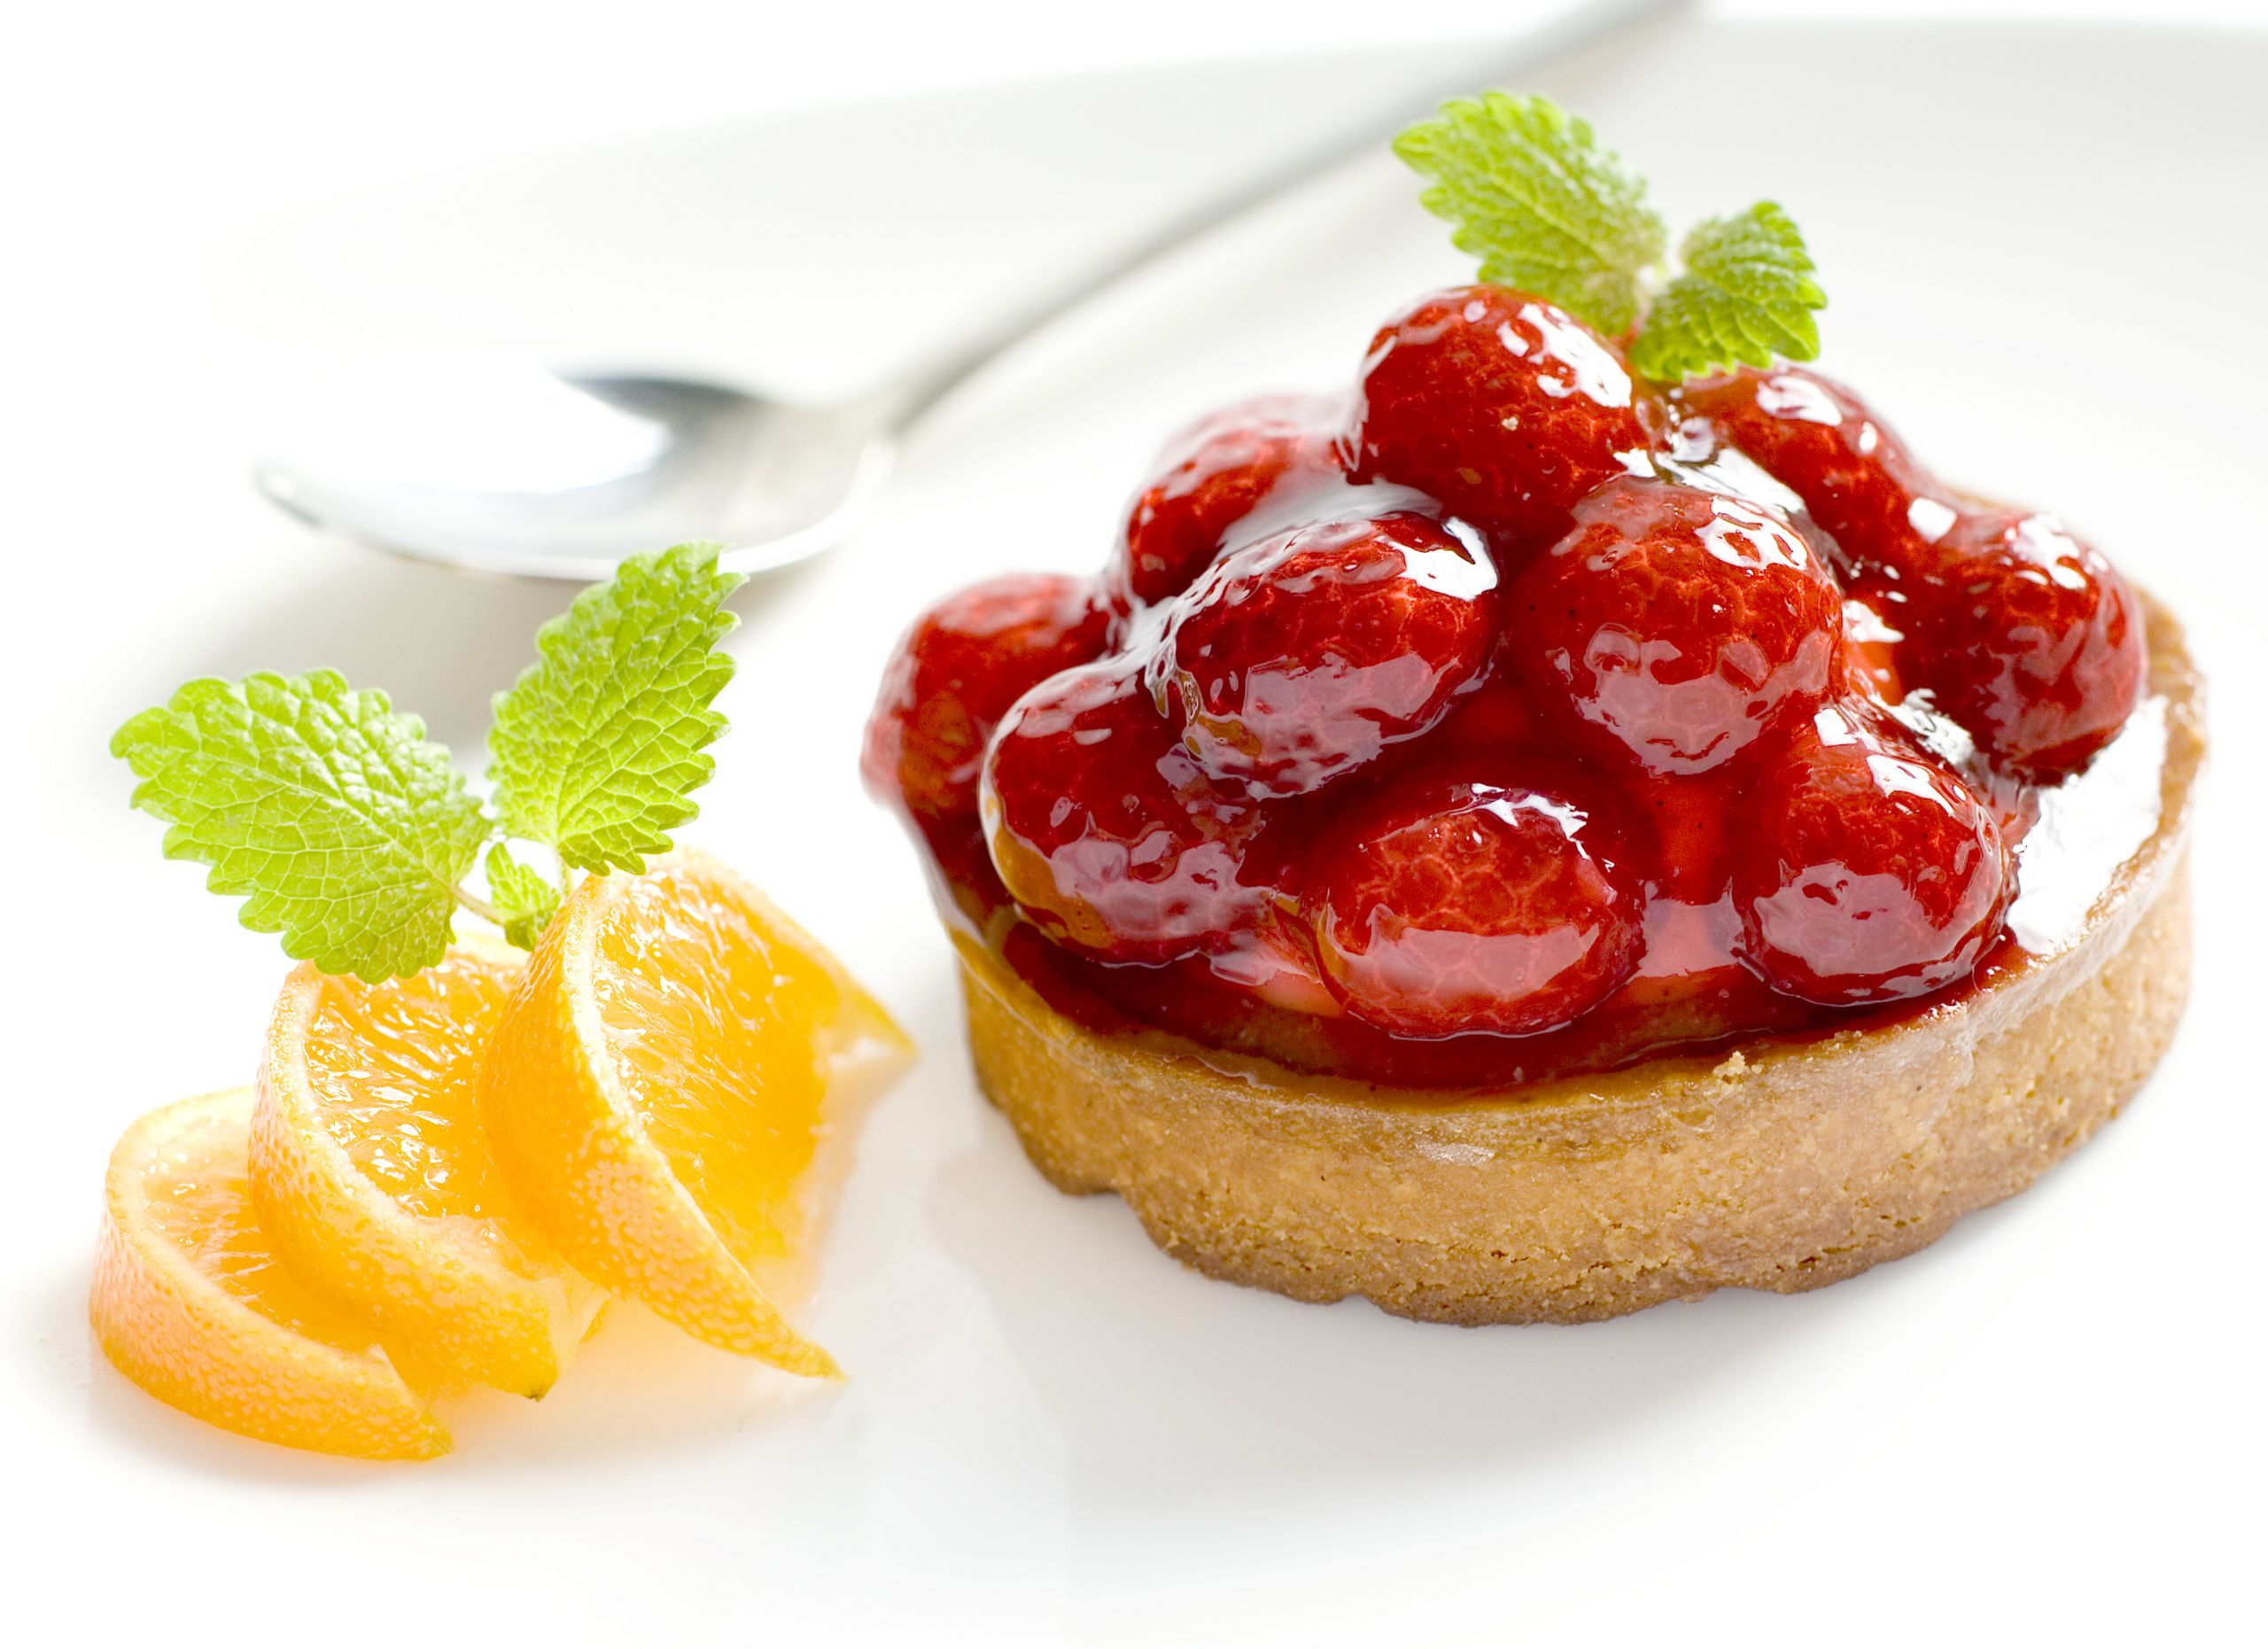 еда торт фрукты бесплатно